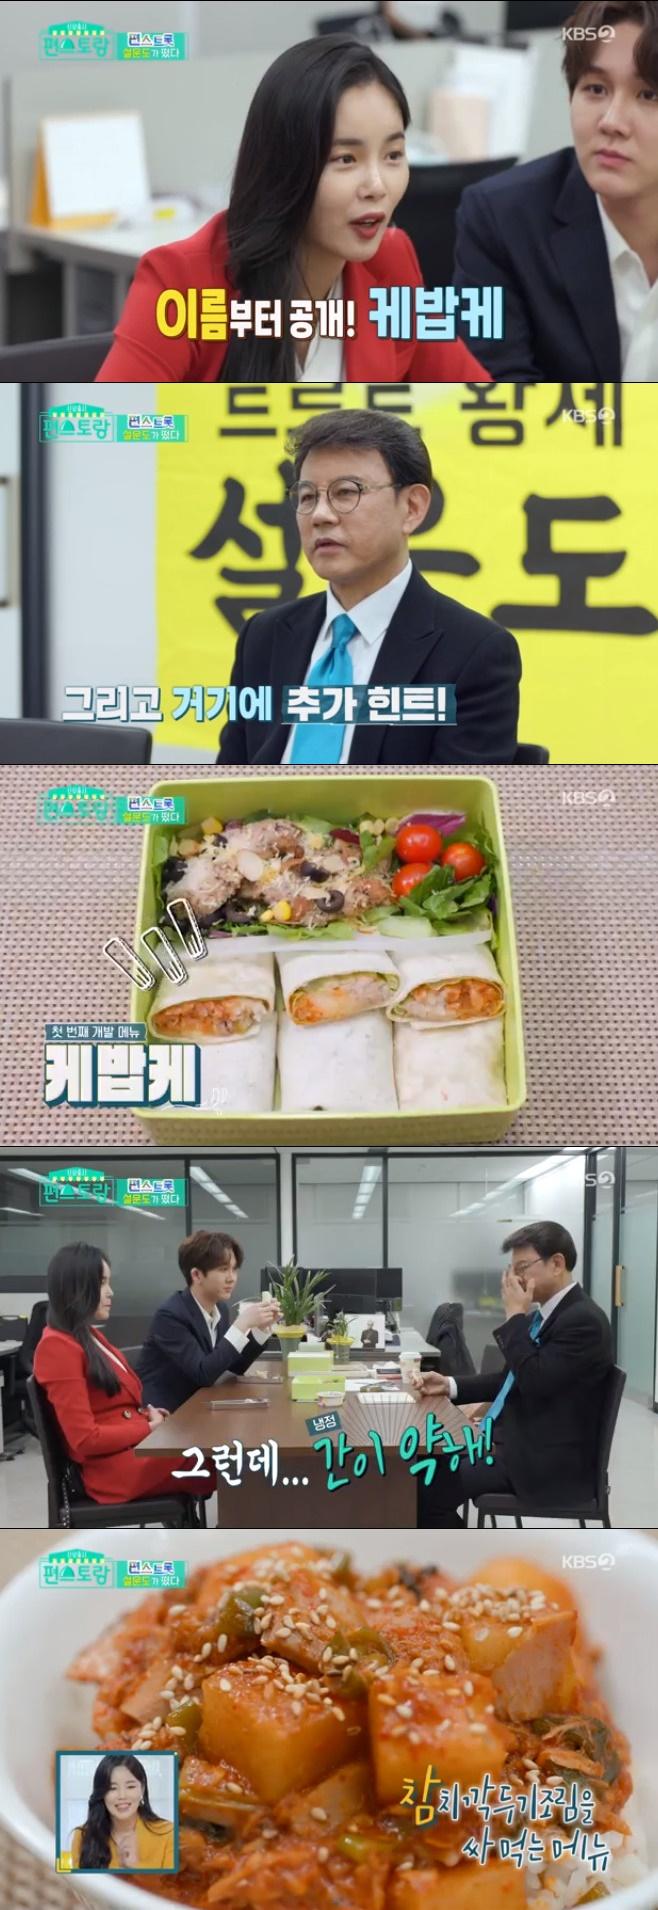 신상출시 편스토랑, 조정민, 설운도, 김수찬